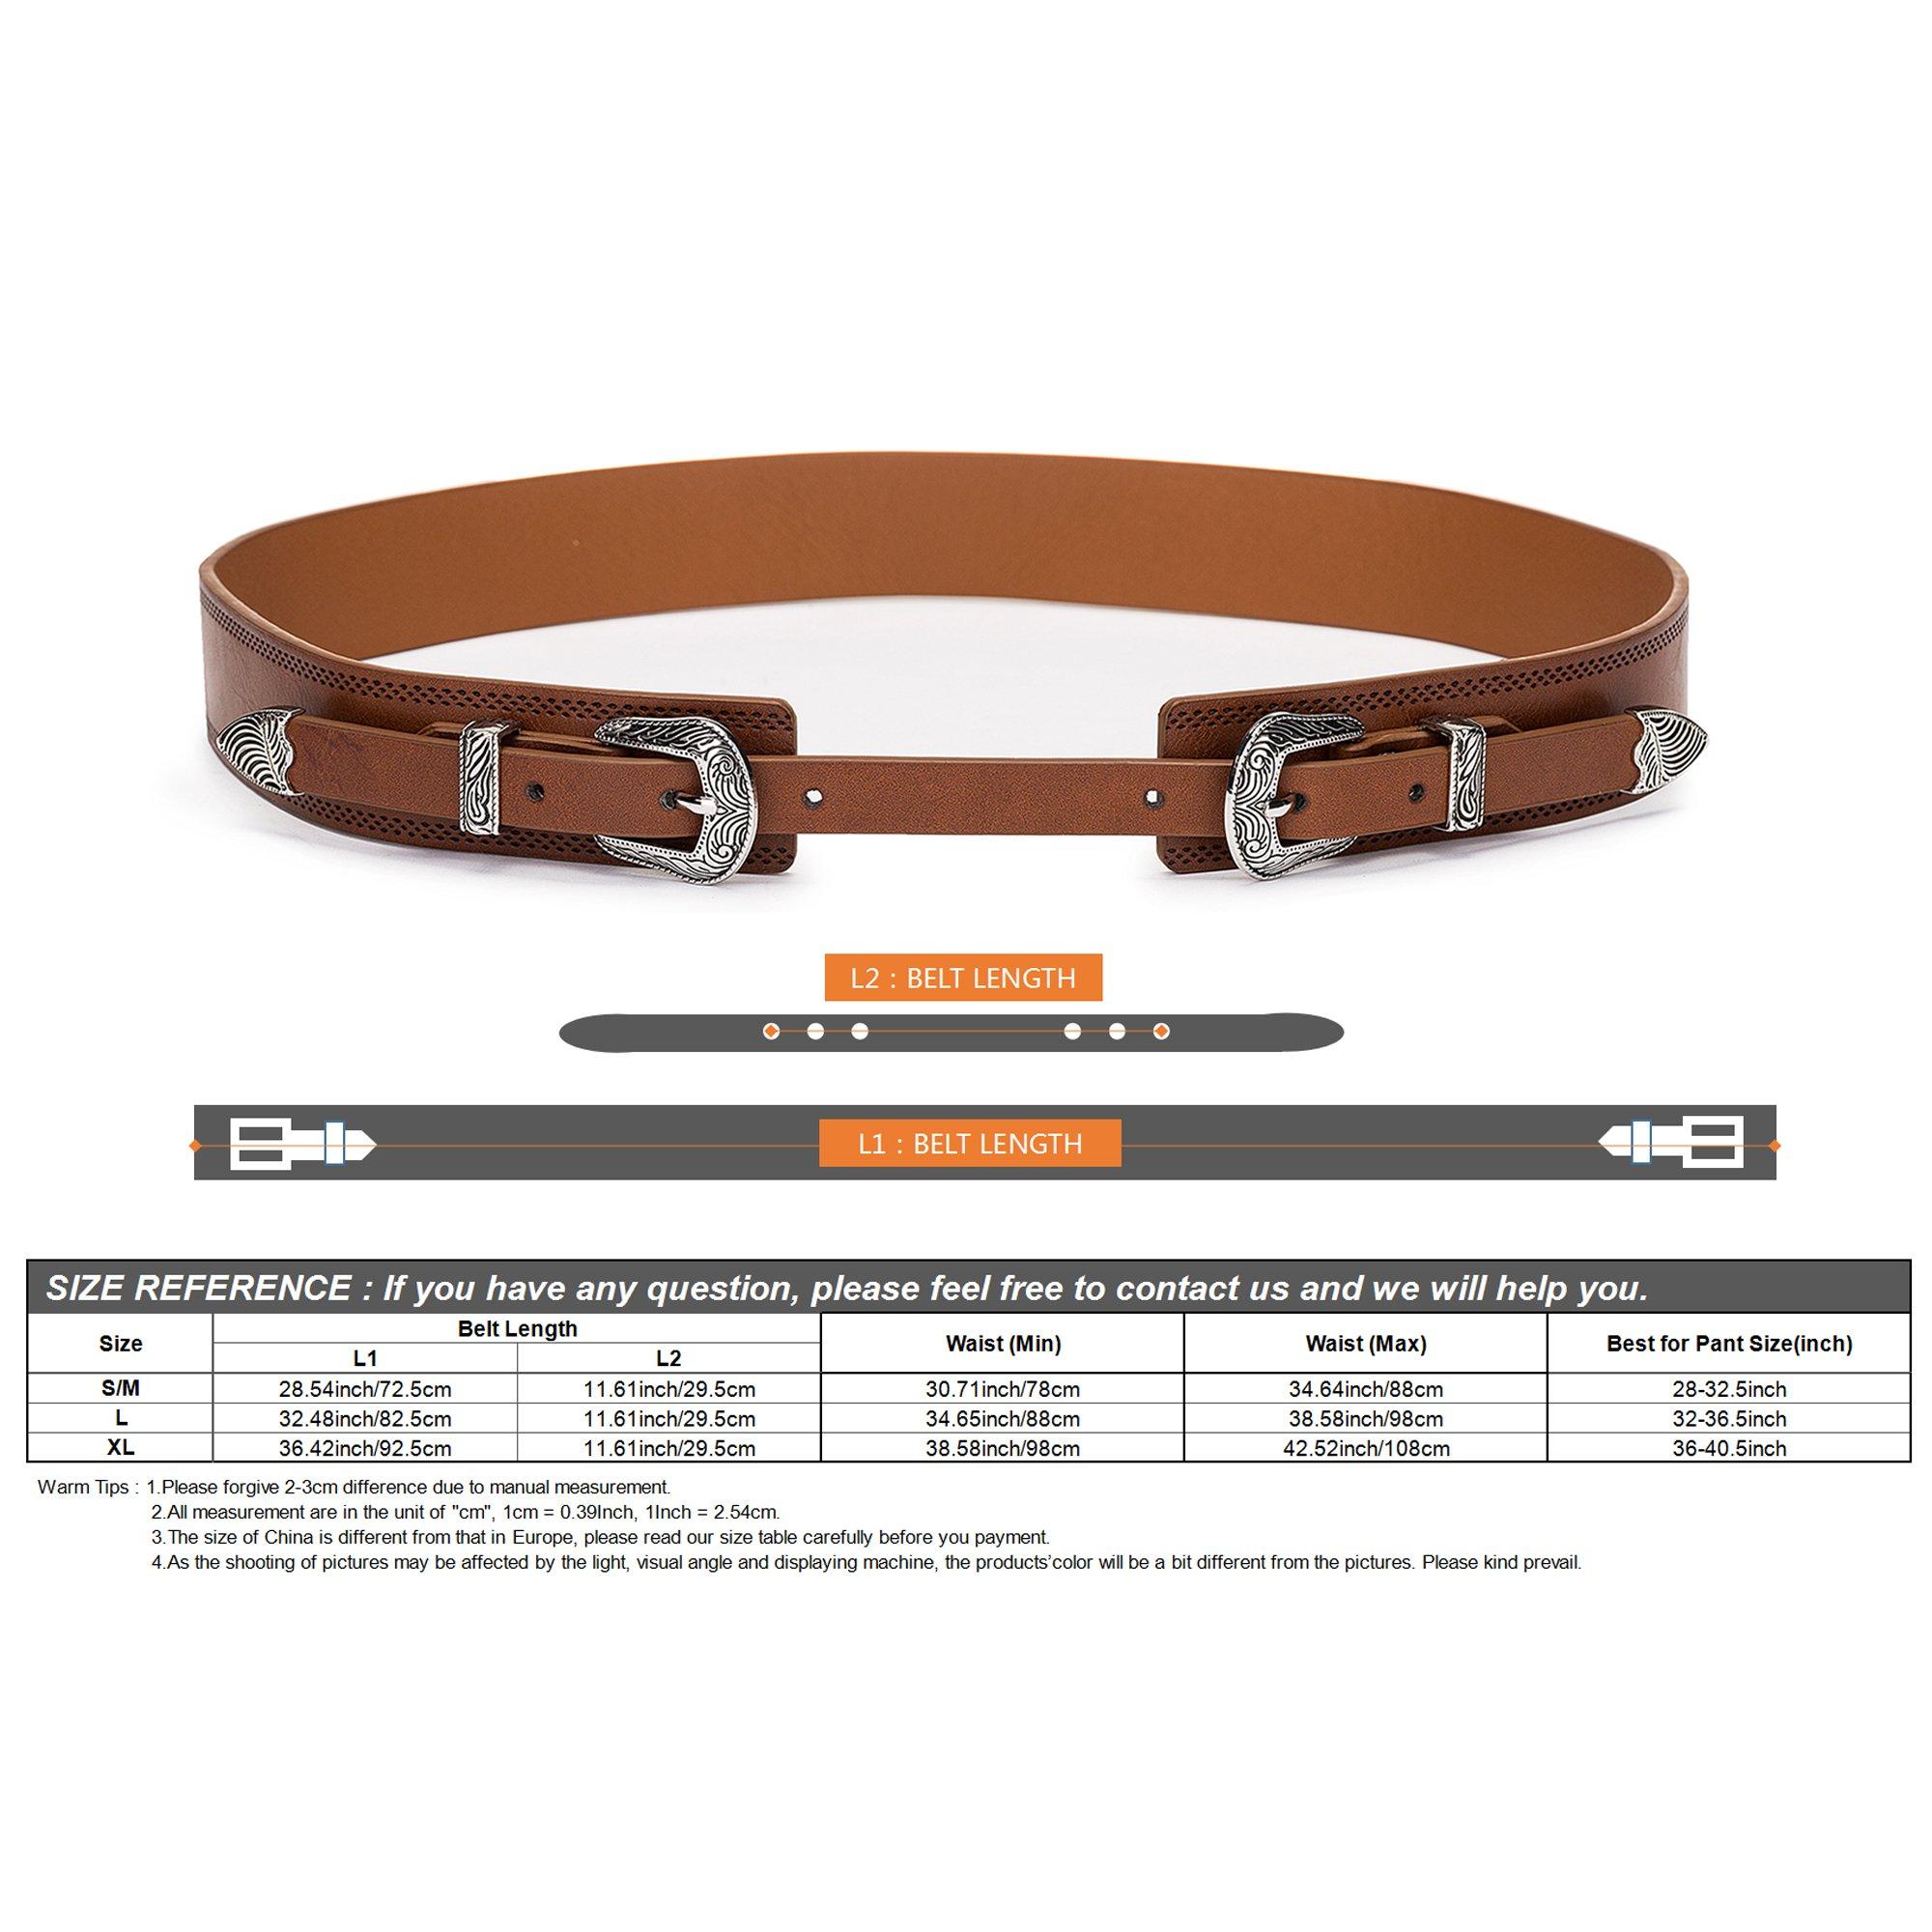 Tanpie Western Leather Belt for Women Boho Waist Belt with Designer Metal Double Buckle Yellow Brown L by Tanpie (Image #5)